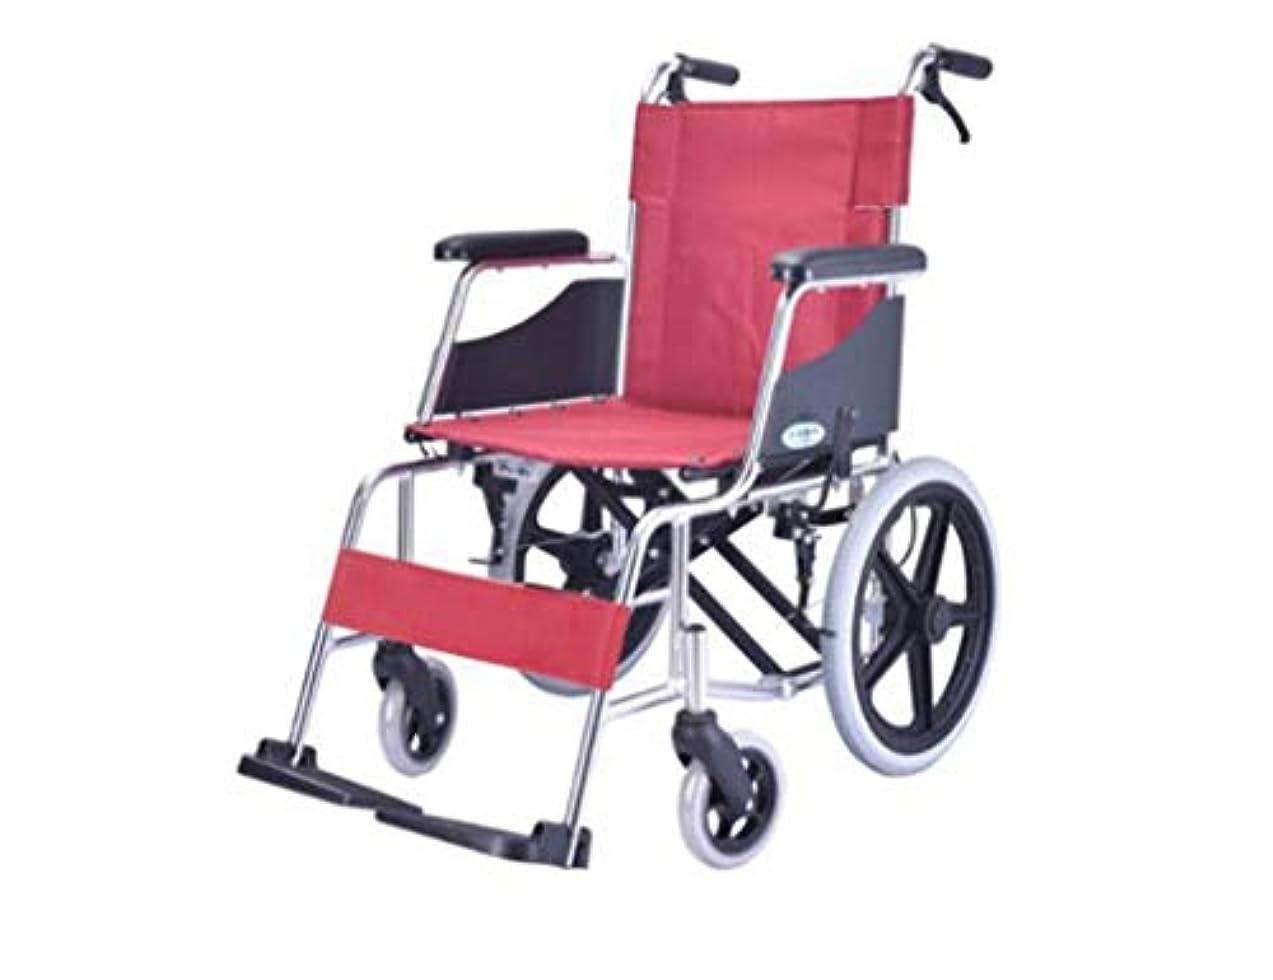 差入場料言い聞かせる車椅子折りたたみ式、高齢者用車椅子用手動航空チタン合金、背もたれ収納バッグのデザイン、200 kgのベアリング